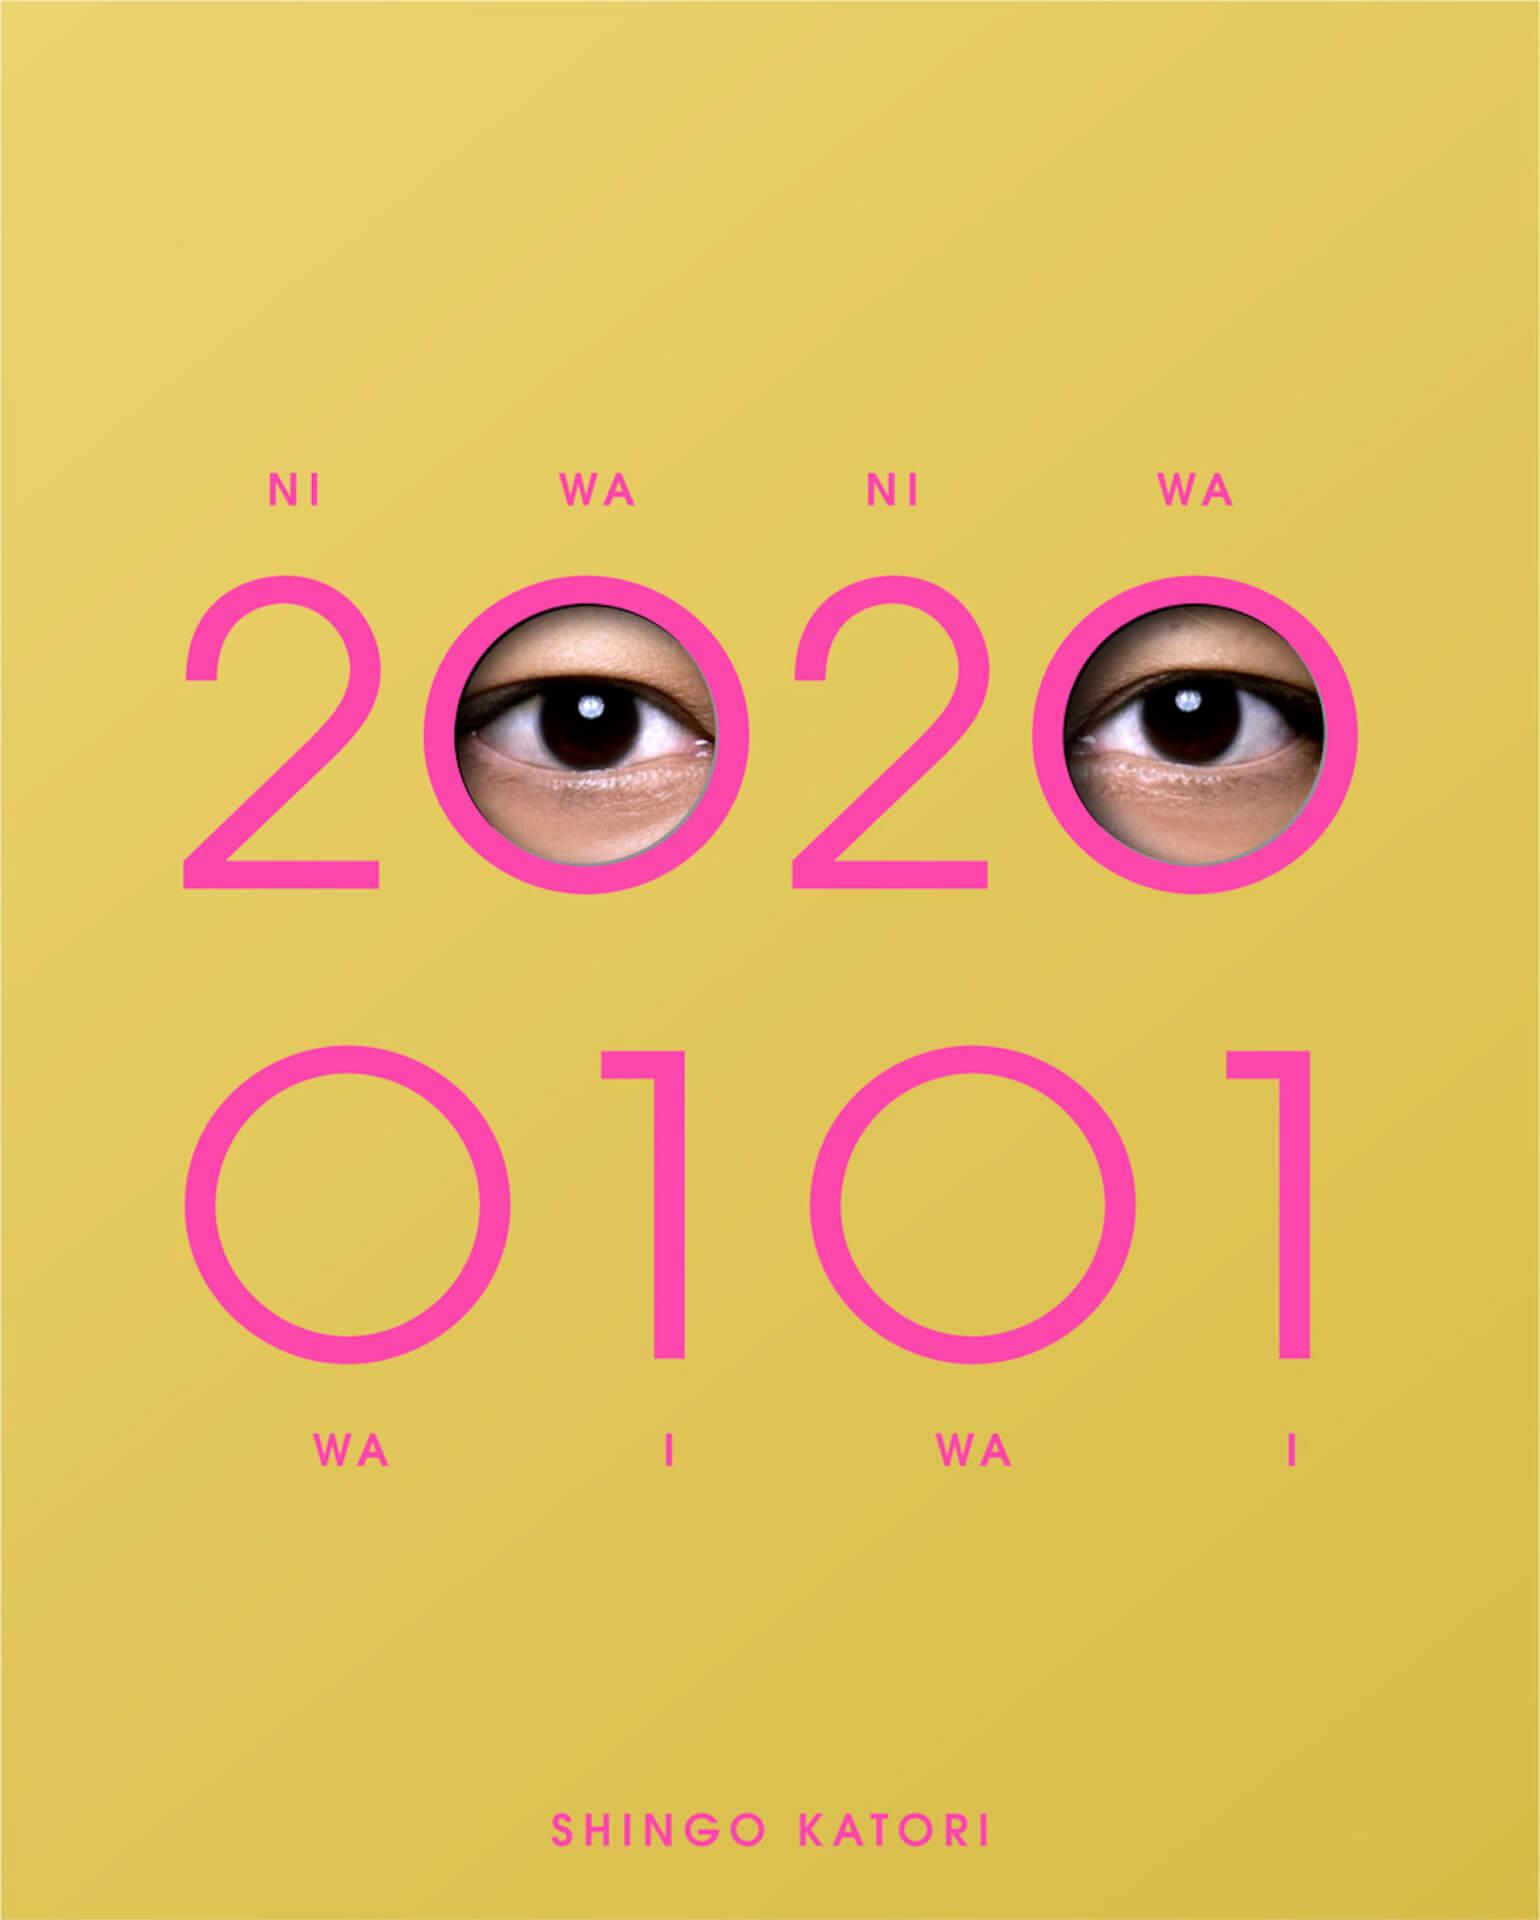 香取慎吾のアルバム『20200101』が週間ランキング4冠達成!さいたまスーパーアリーナでの初ソロコンサート開催も決定 music200109_katorishingo_3